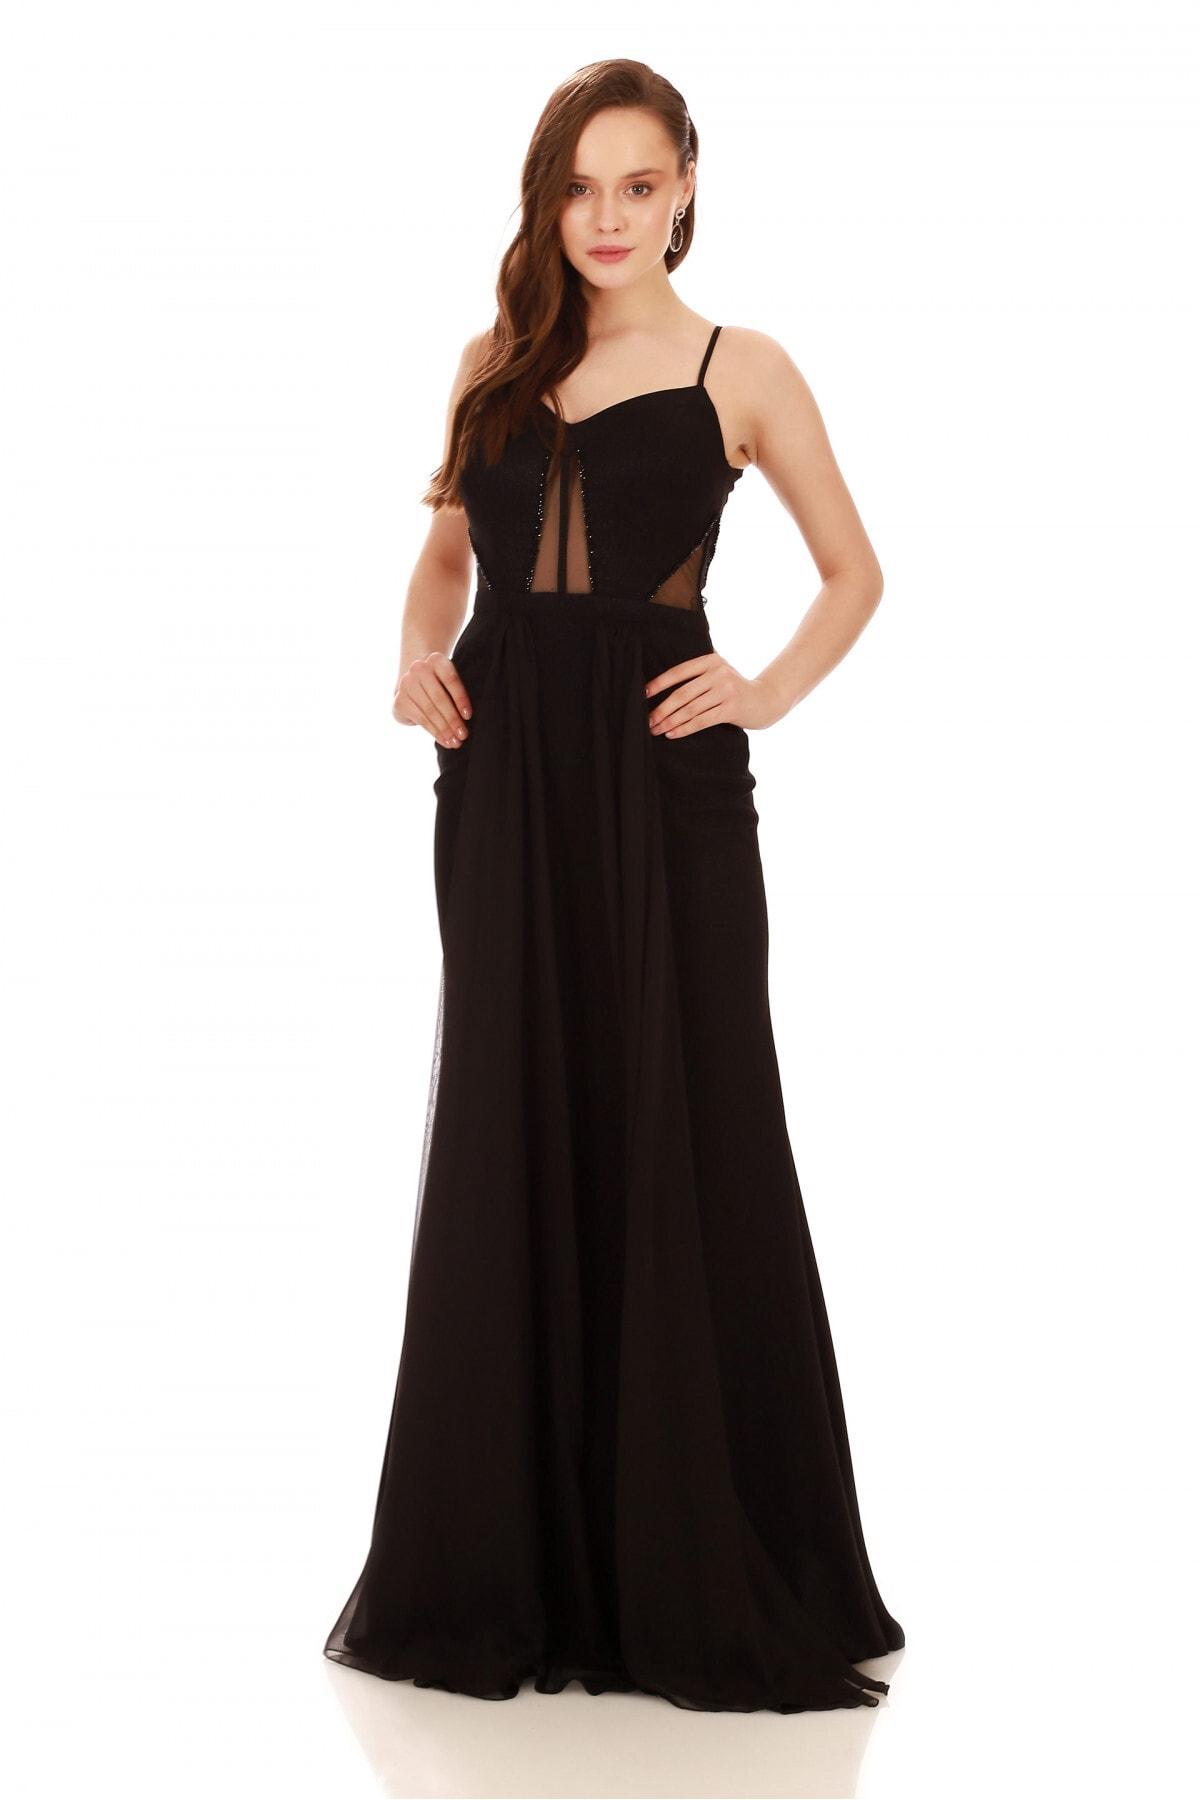 Pierre Cardin Kadın Siyah Krep Boncuk İşlemeli Pelerinli Abiye Elbise PC55556